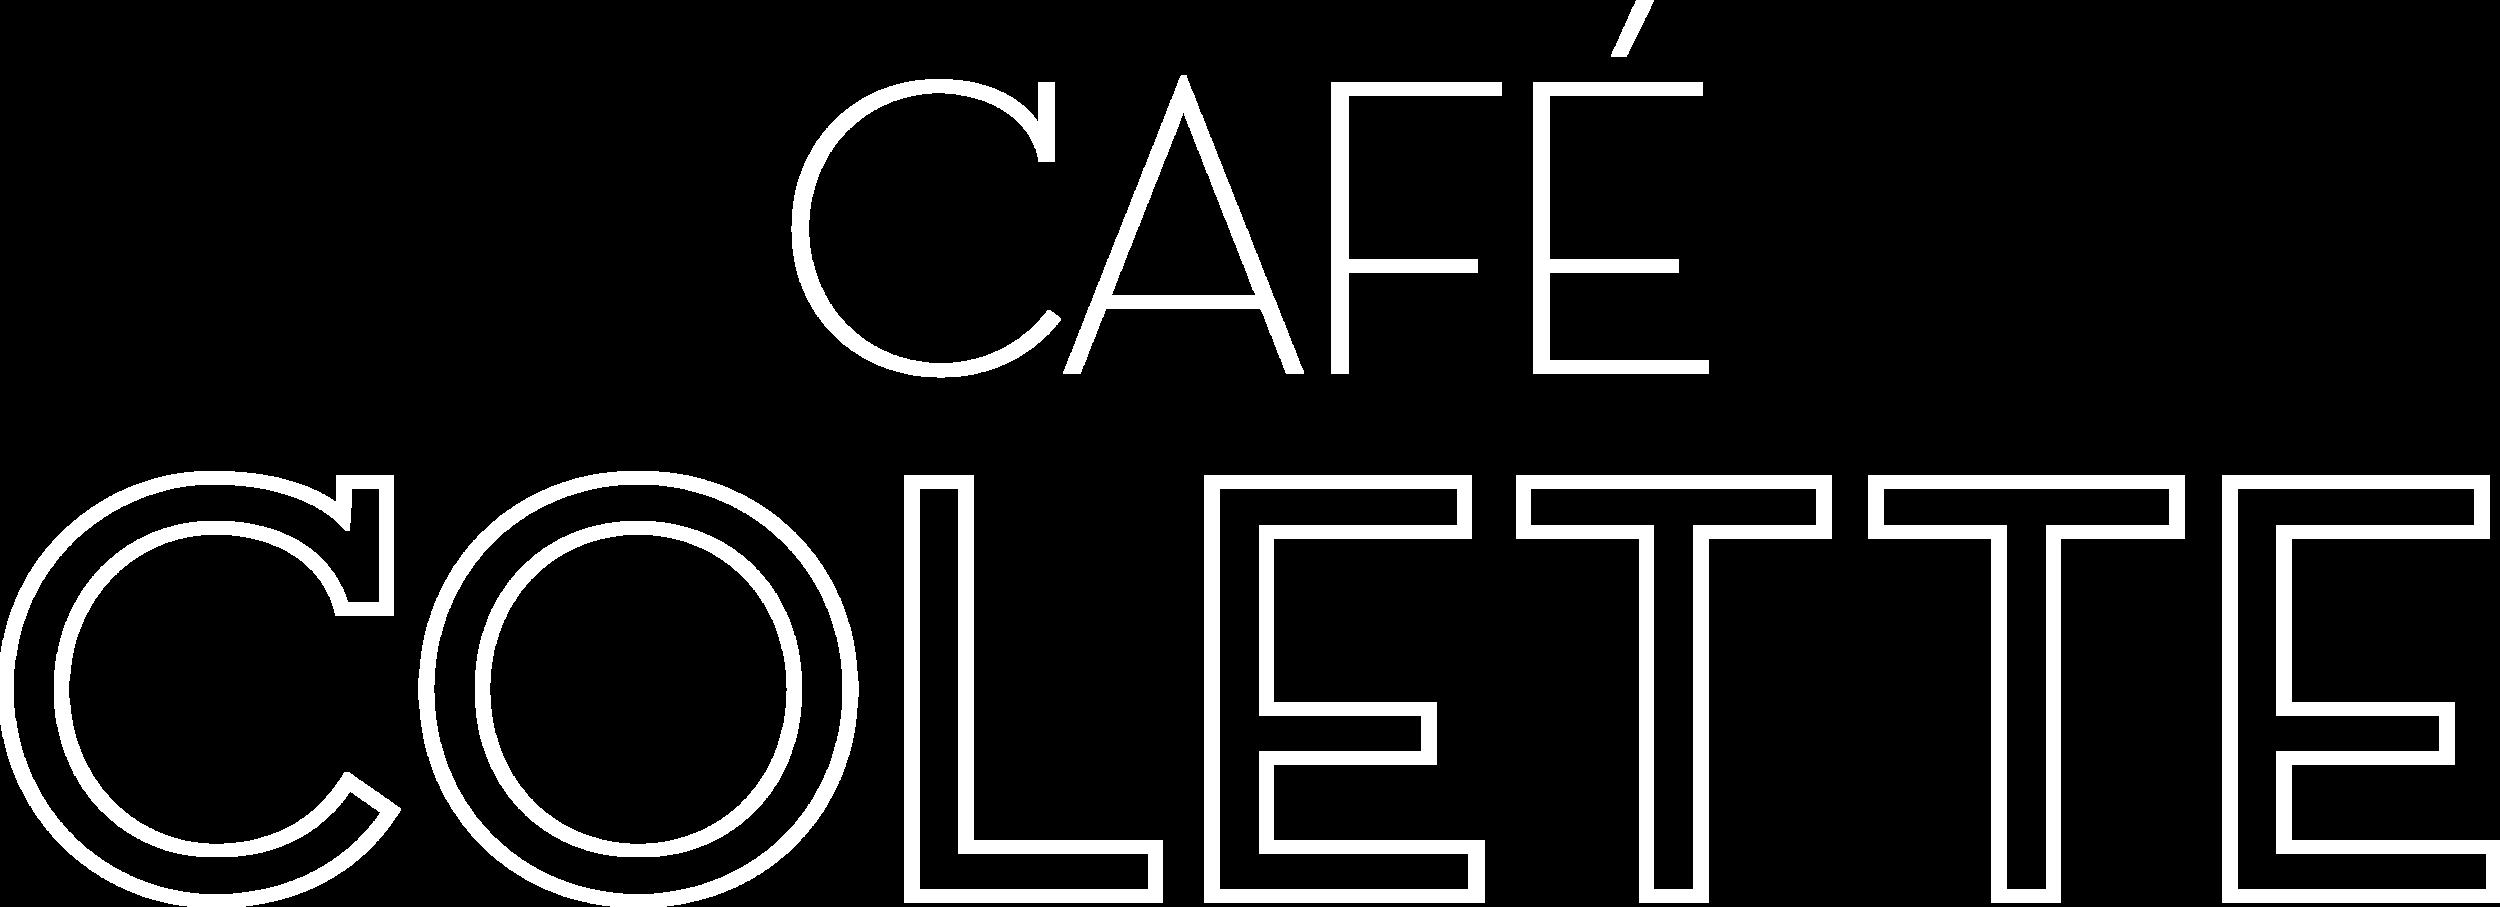 Cafe Colette en fransk bistro i Vasastaden.png